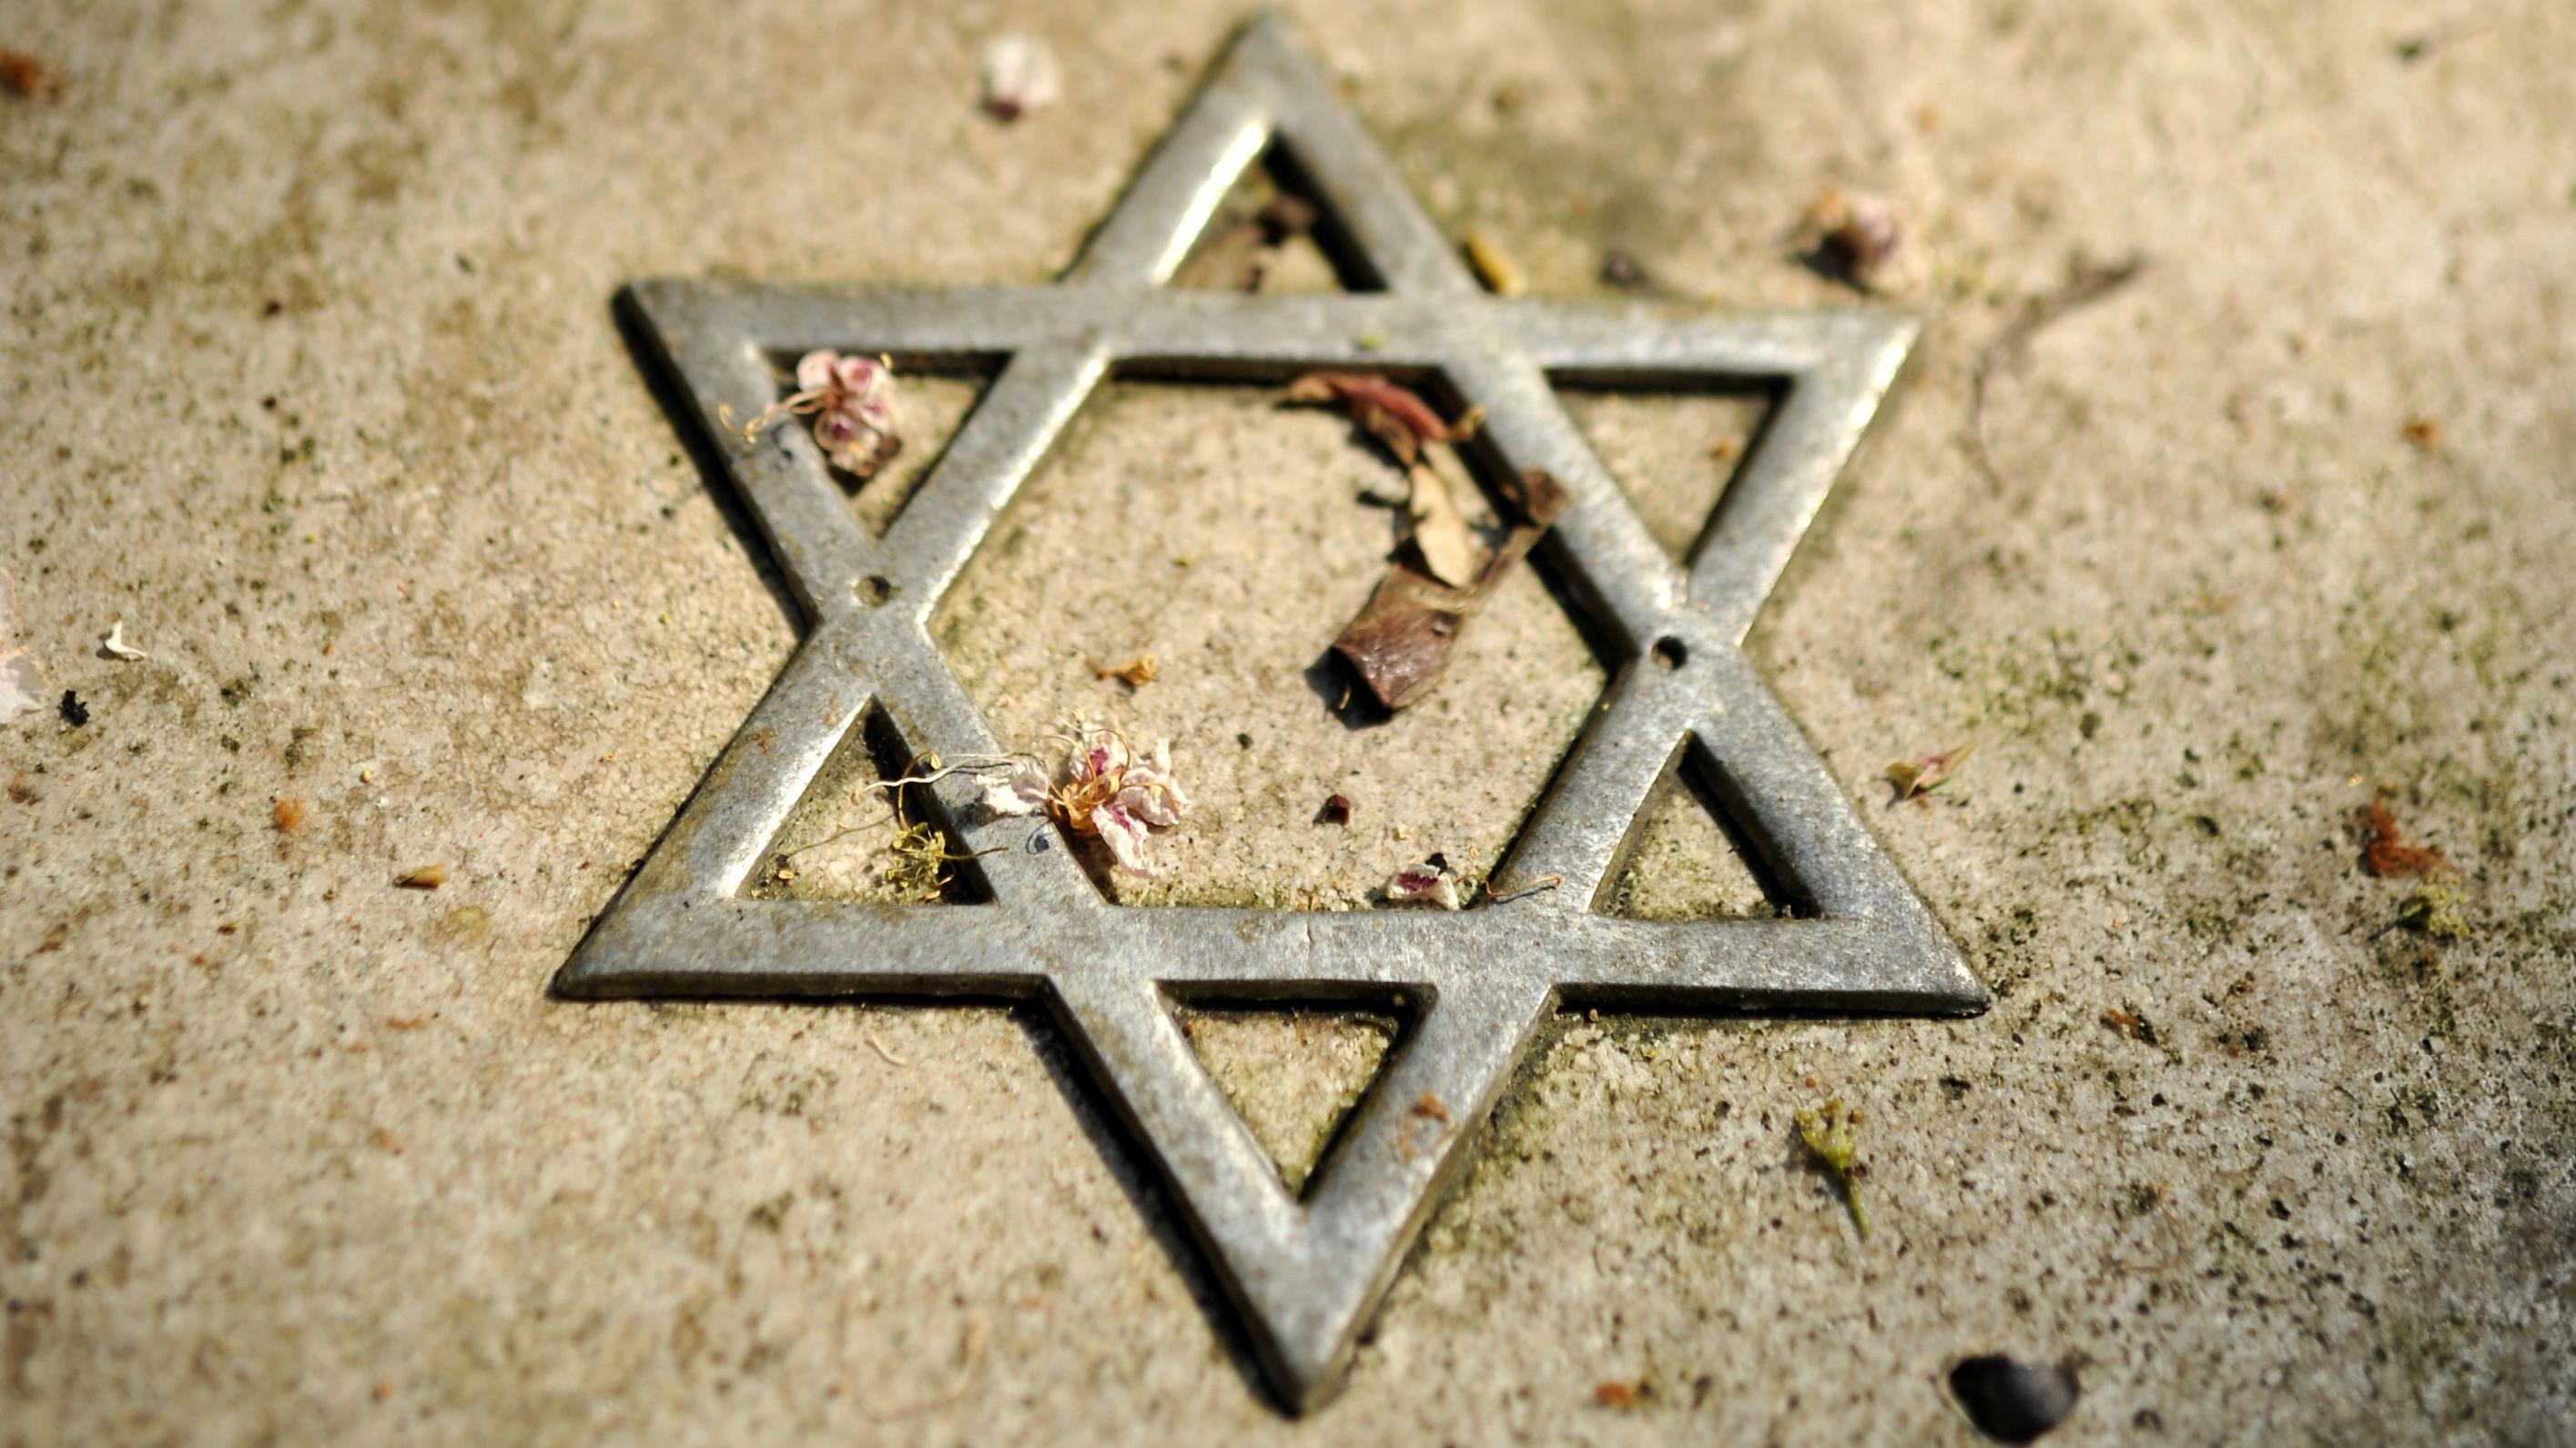 Ein Judenstern aus Metall, Laub- und Blütenreste liegen um ihn verstreut